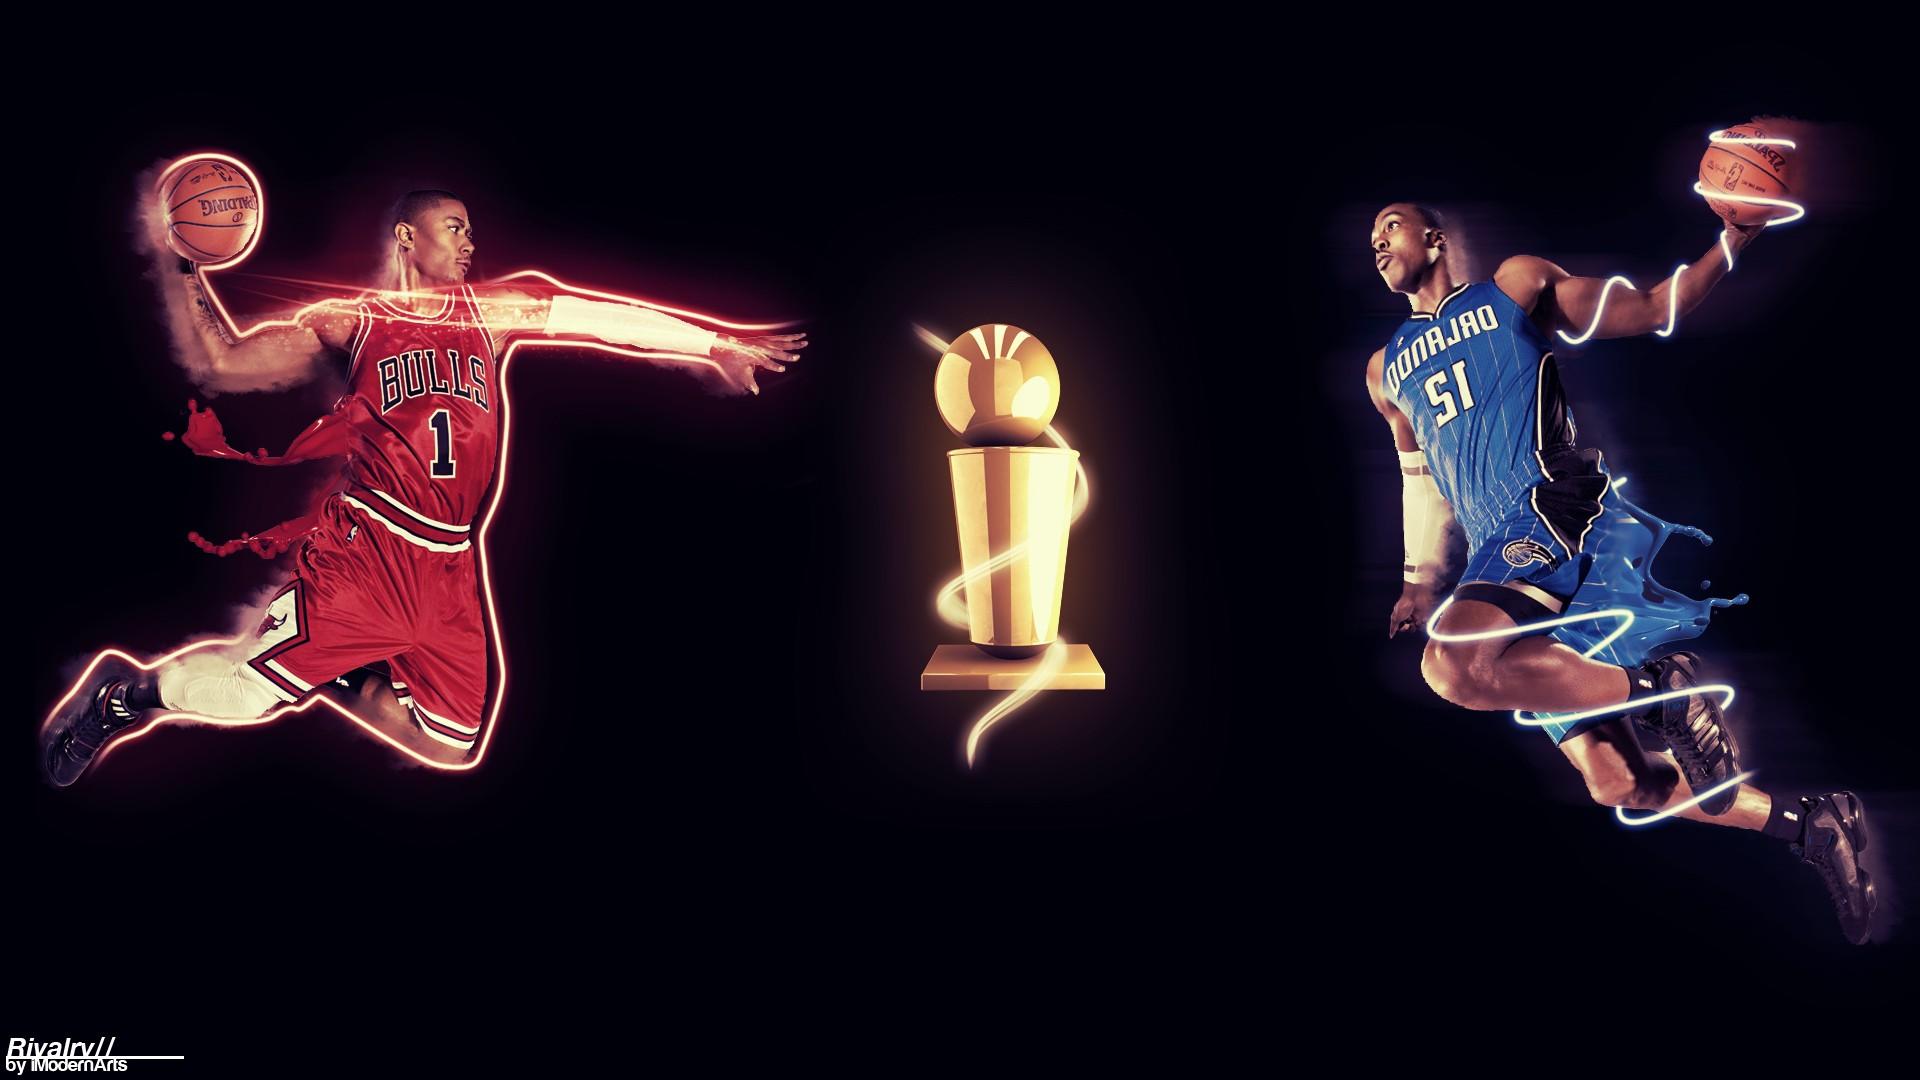 Basketball Nba Wallpapers Phone - Derrick Rose Wallpaper 2011 , HD Wallpaper & Backgrounds